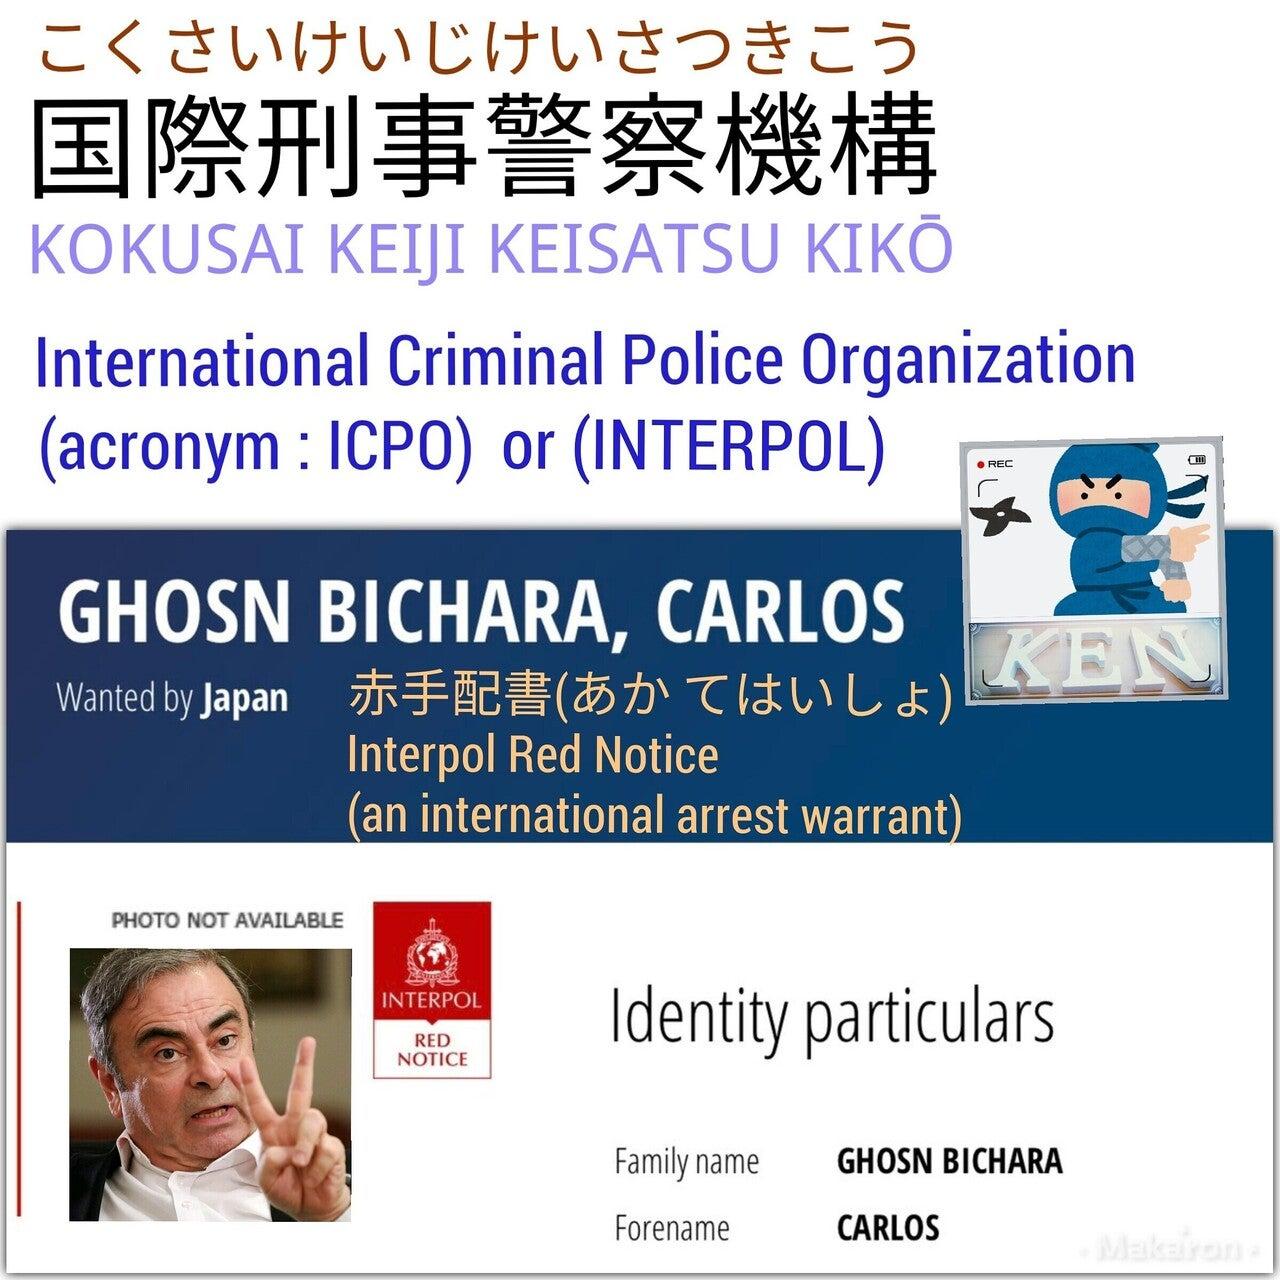 国際刑事警察機構 (こくさいけいじけいさつきこう) ICPO or INTERPOL ...